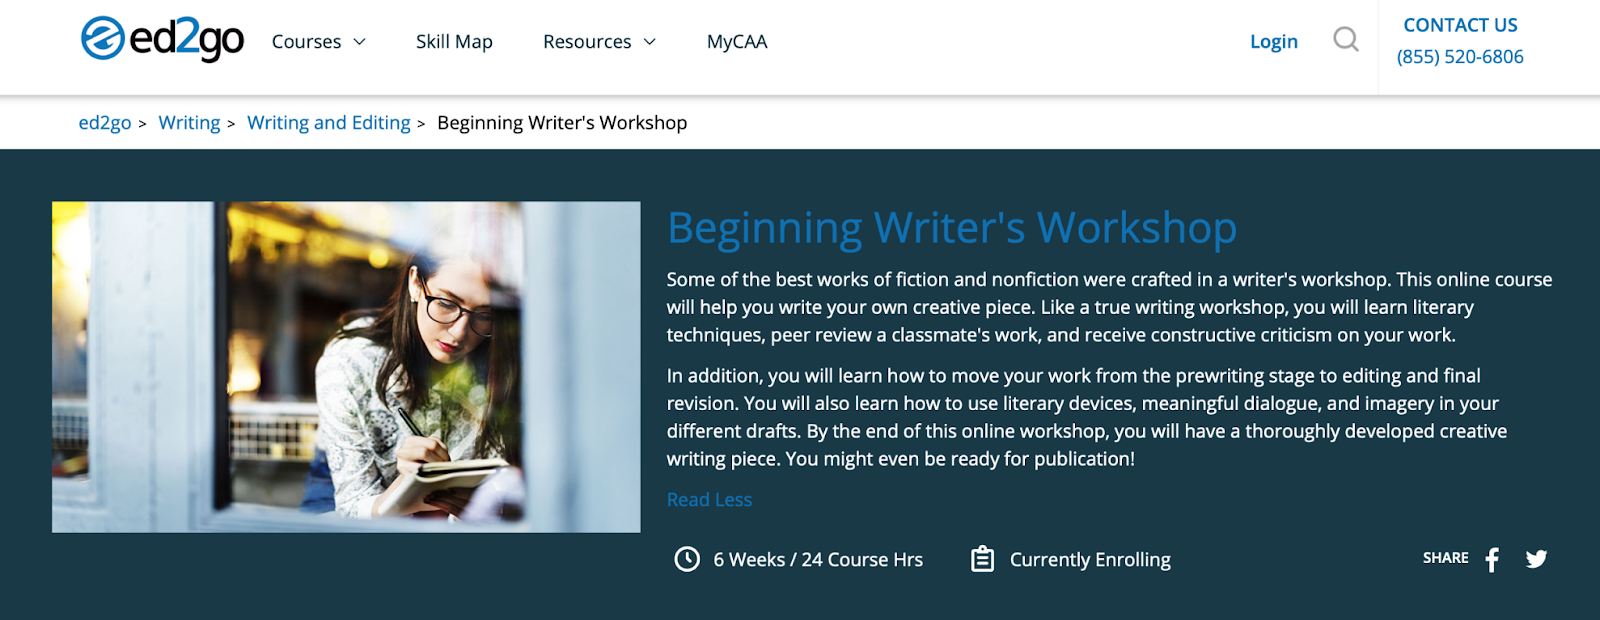 Los mejores cursos de escritura creativa en comparación con Crazy Egg - 1630929378 937 Los mejores cursos de escritura creativa en comparacion con Crazy